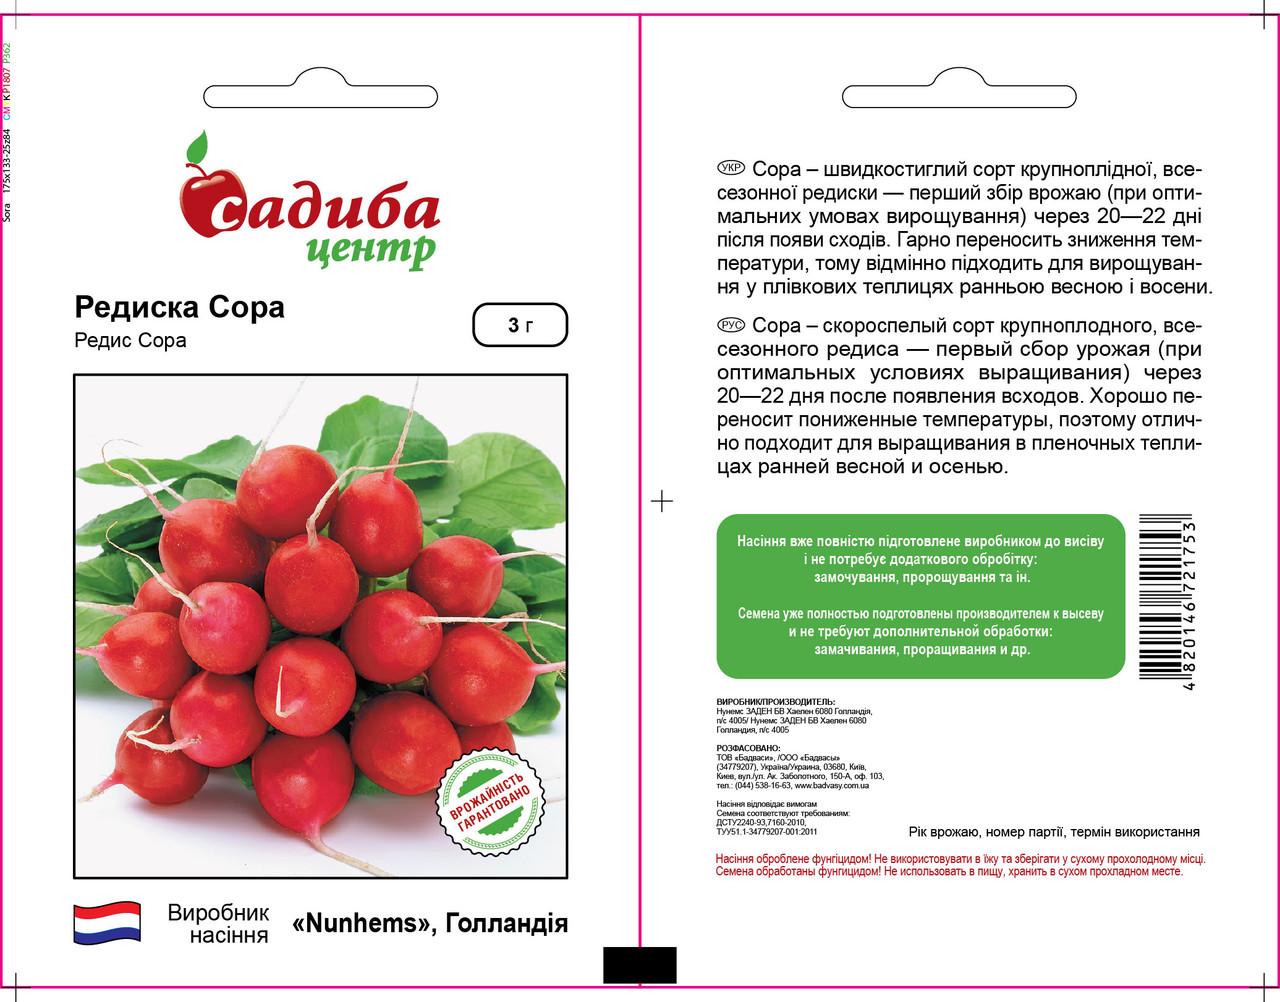 Семена редиса Сора (Nunhems/ САДЫБА ЦЕНТР) 3 г — ранний сорт (20-22 дн), всесезонный, круглый, темно-красный